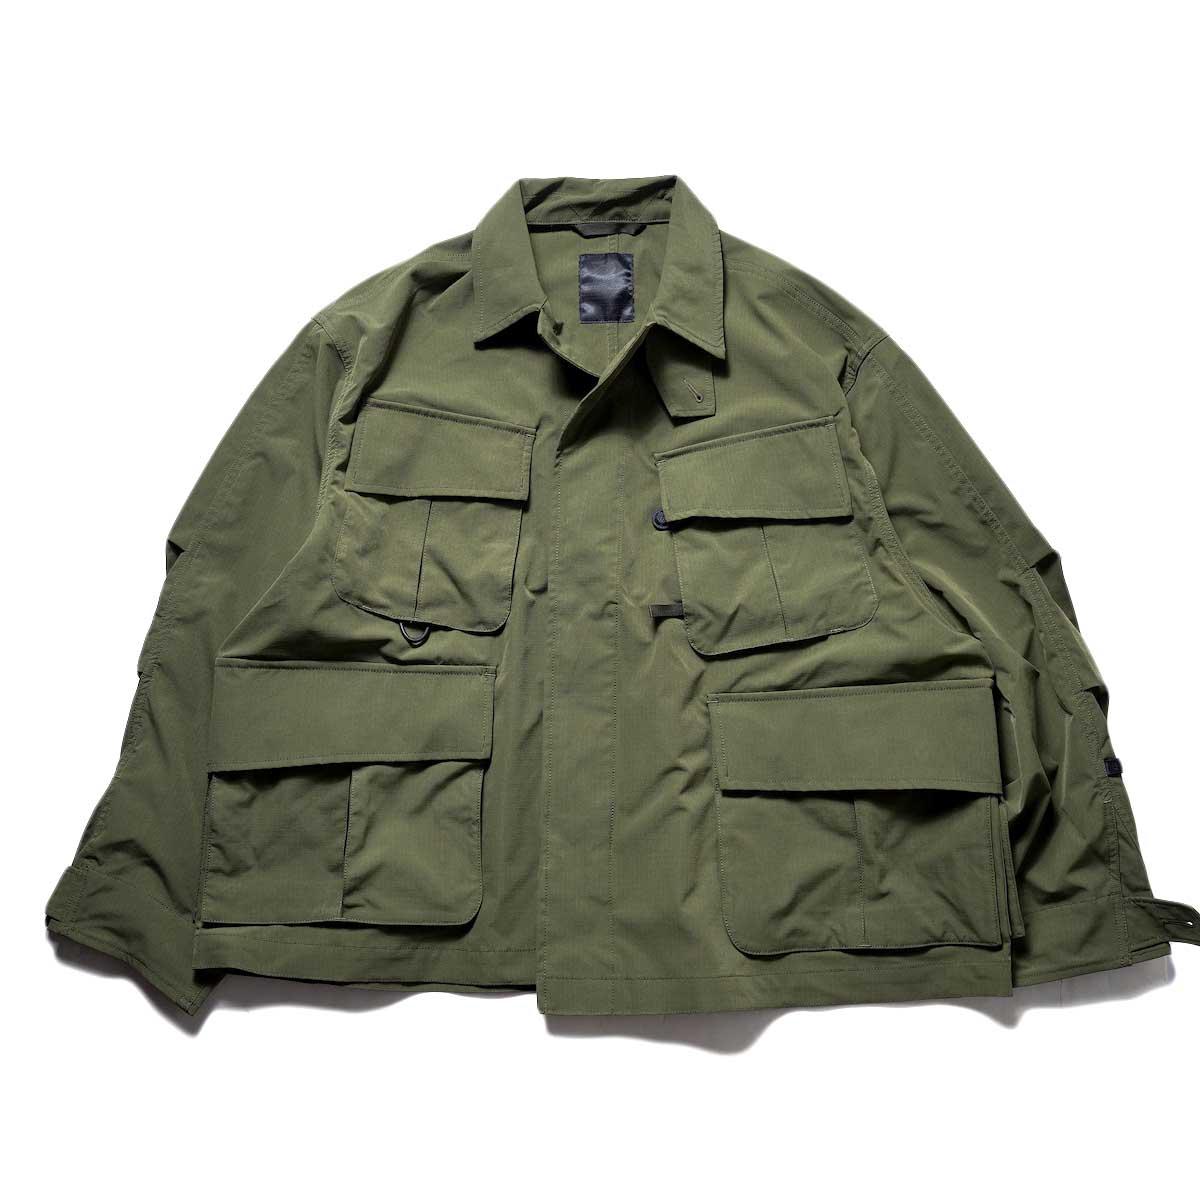 DAIWA PIER39 / Tech Jungle Fatigue Jacket (Olive)